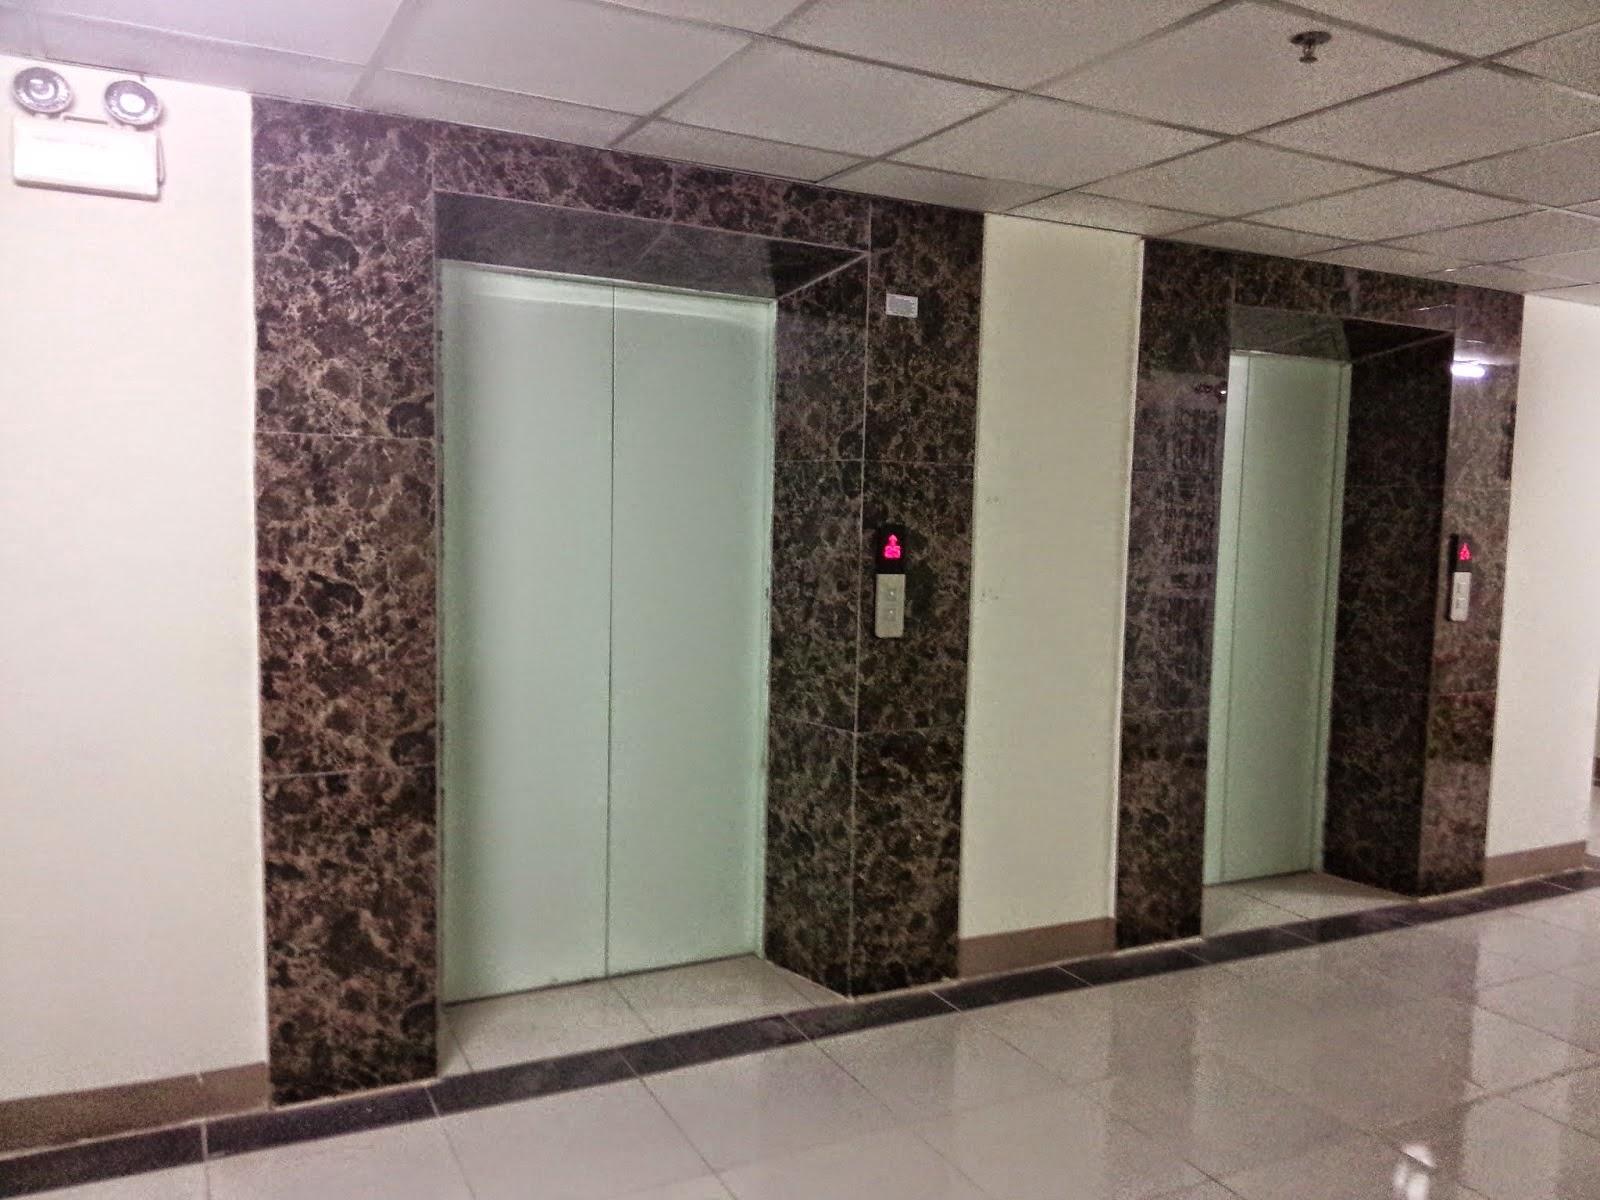 Cách sử dụng thang máy chung cư an toàn